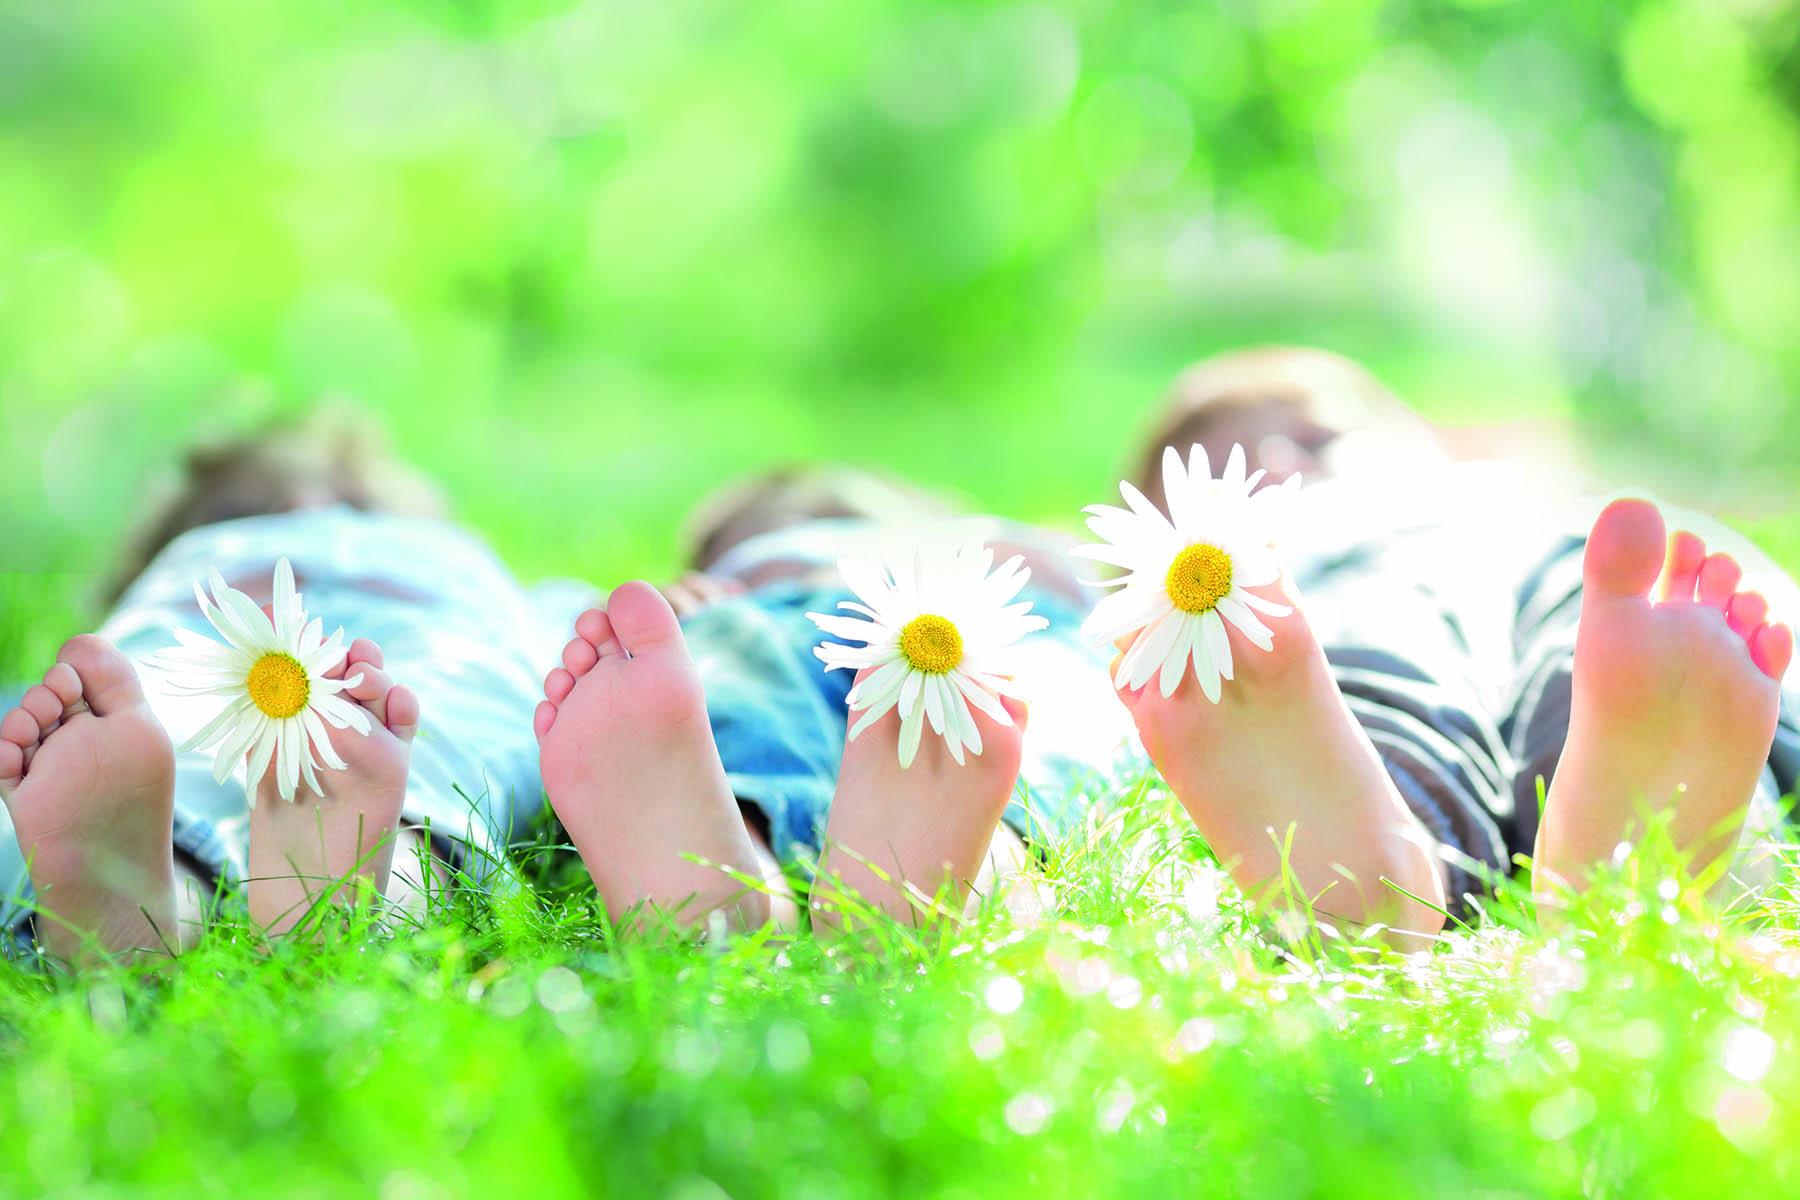 Tre par barnfötter i ett sommargräs